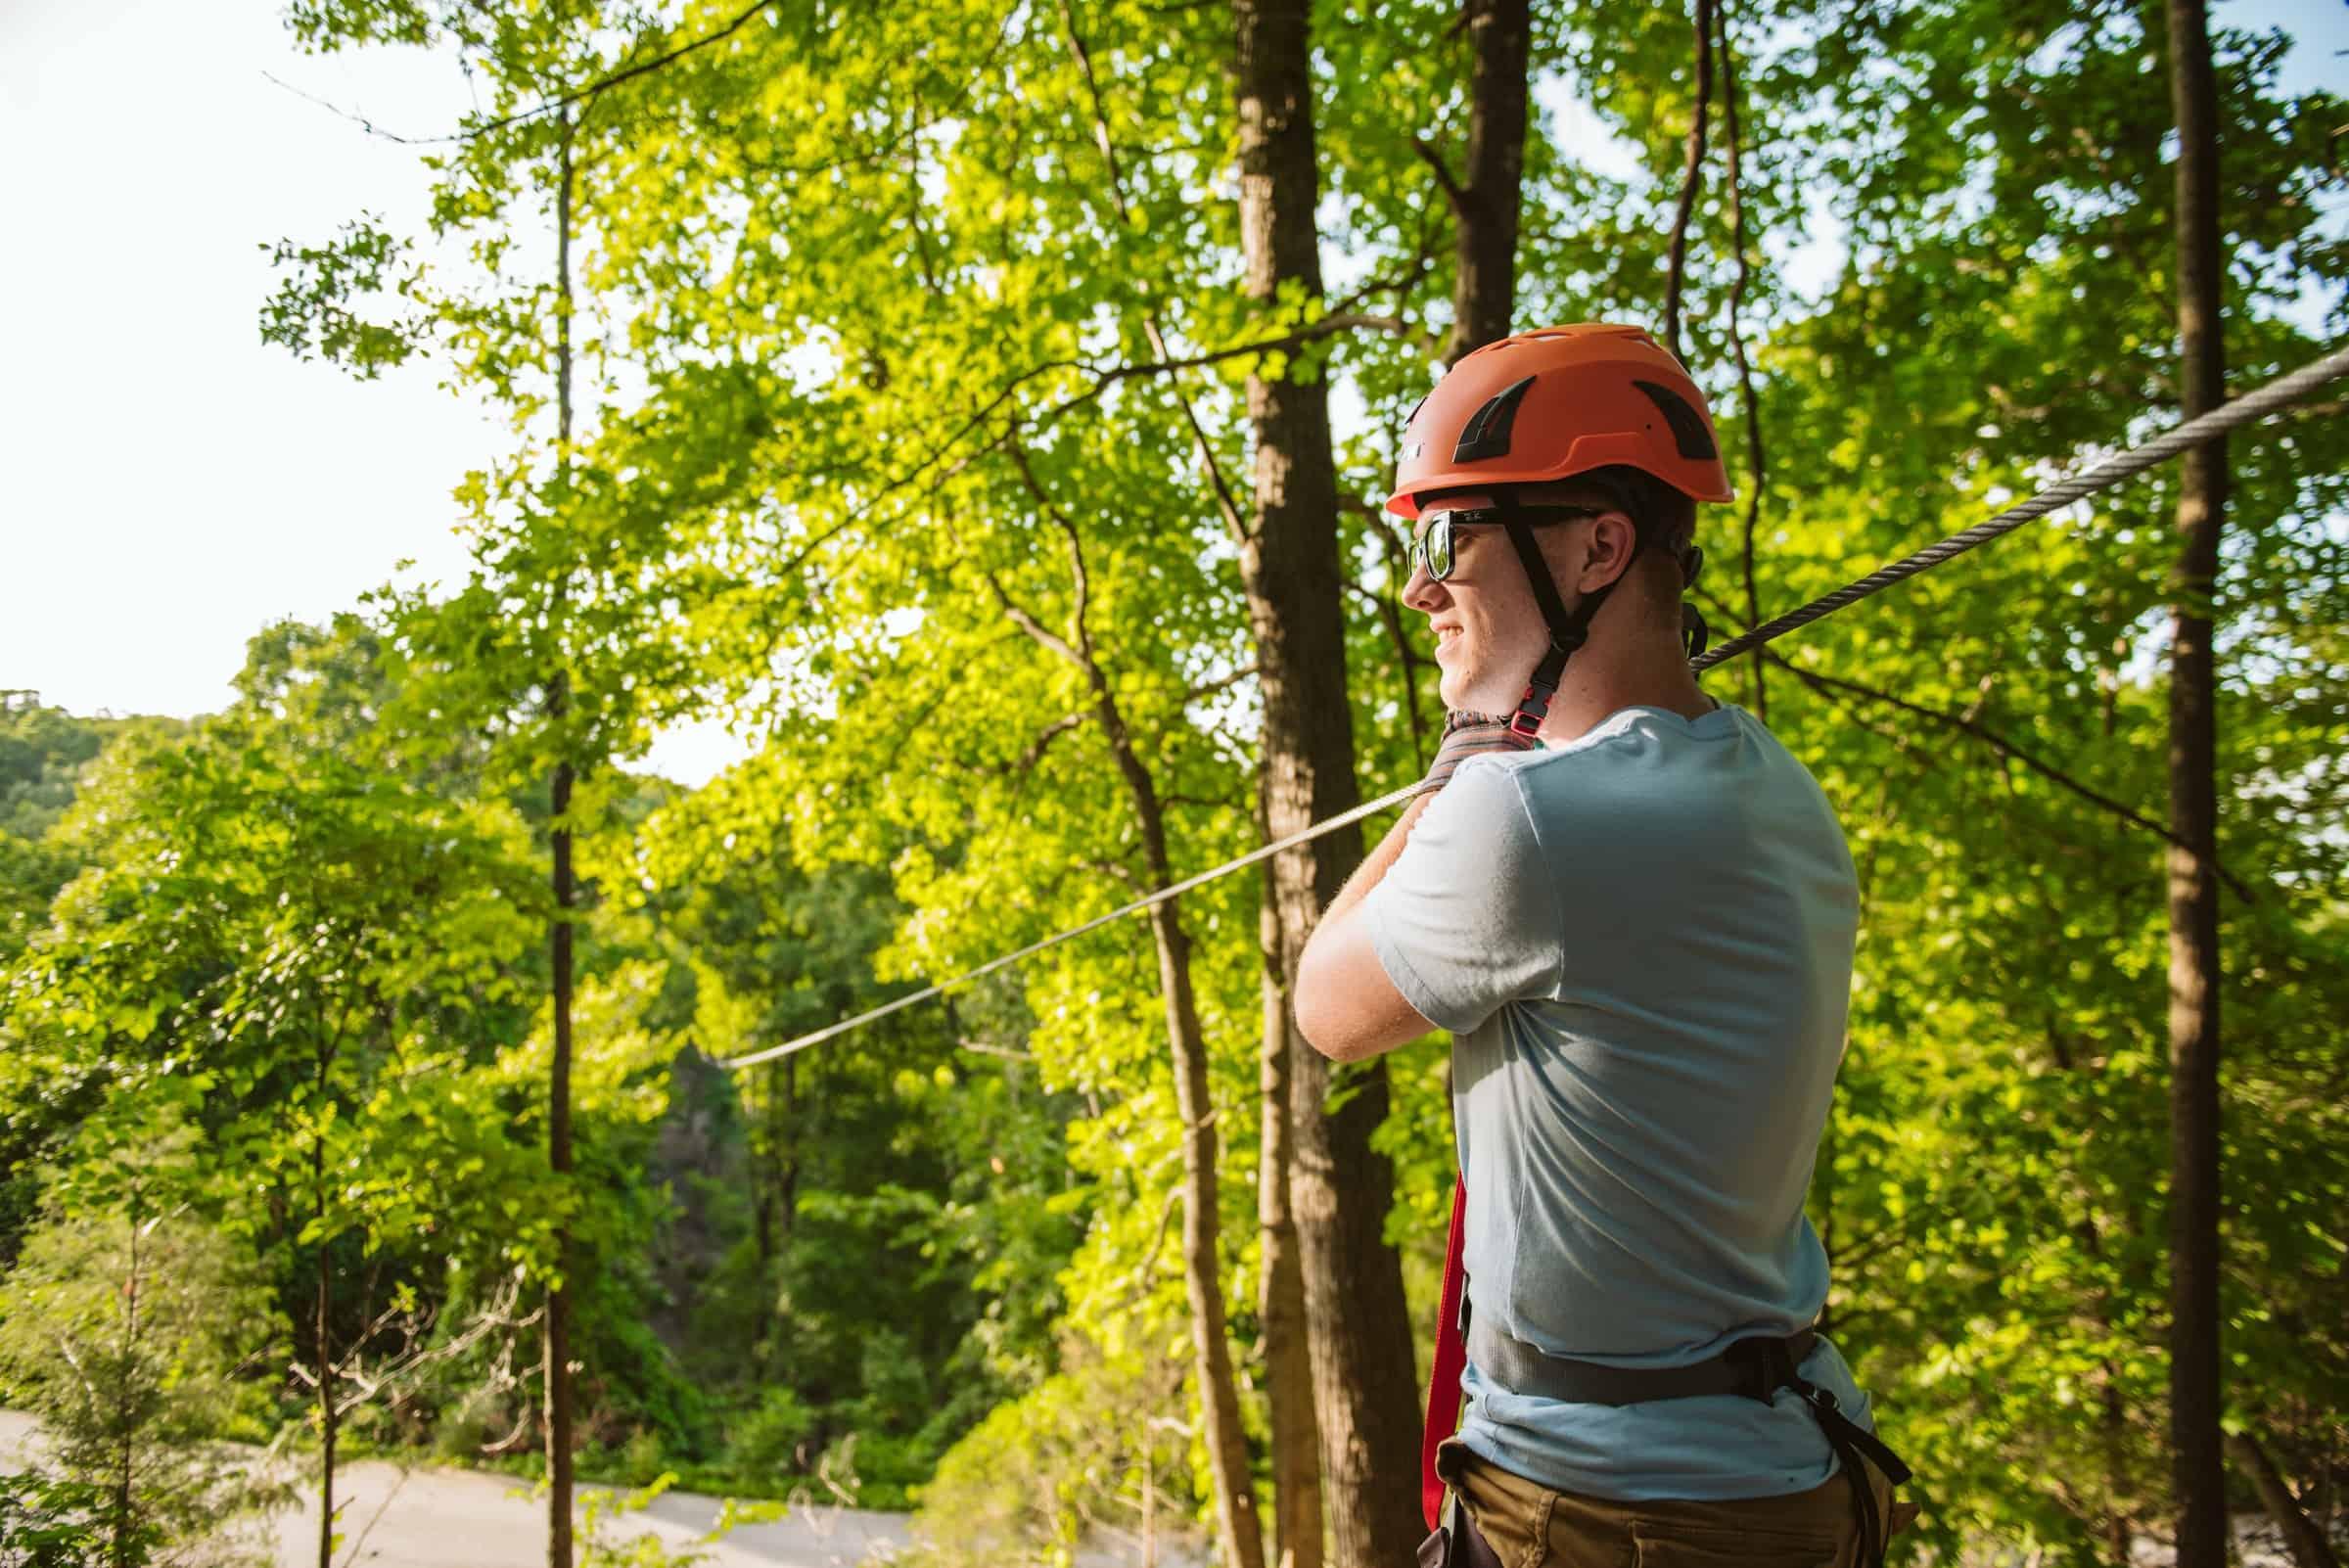 Man in orange helmet standing next to zipline in forest